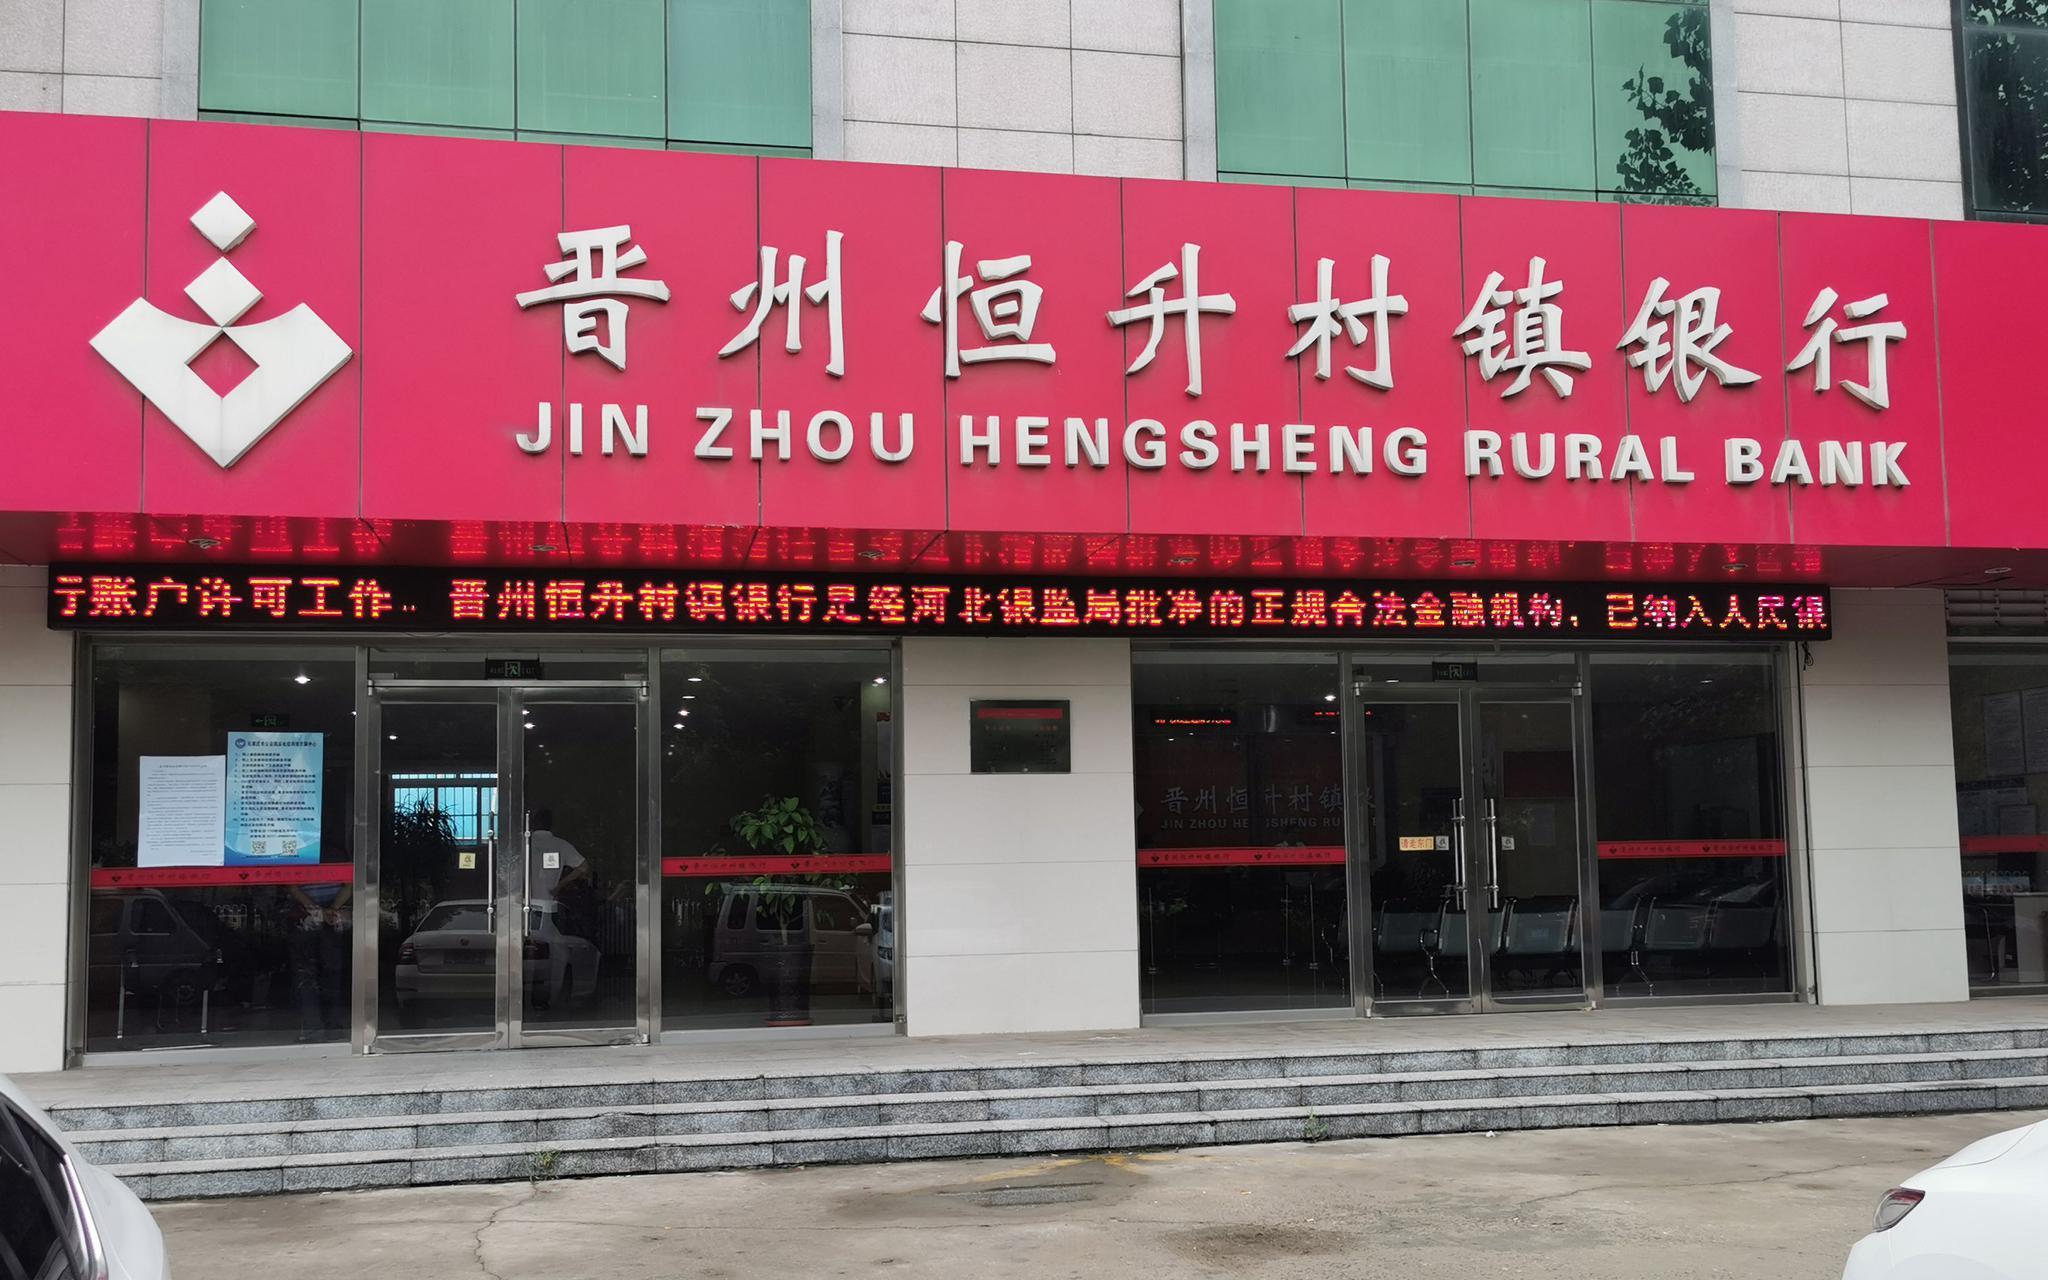 95992828九五至尊_宁夏中银绒业股份有限公司管理人关于法院裁定批准重整计划的公告